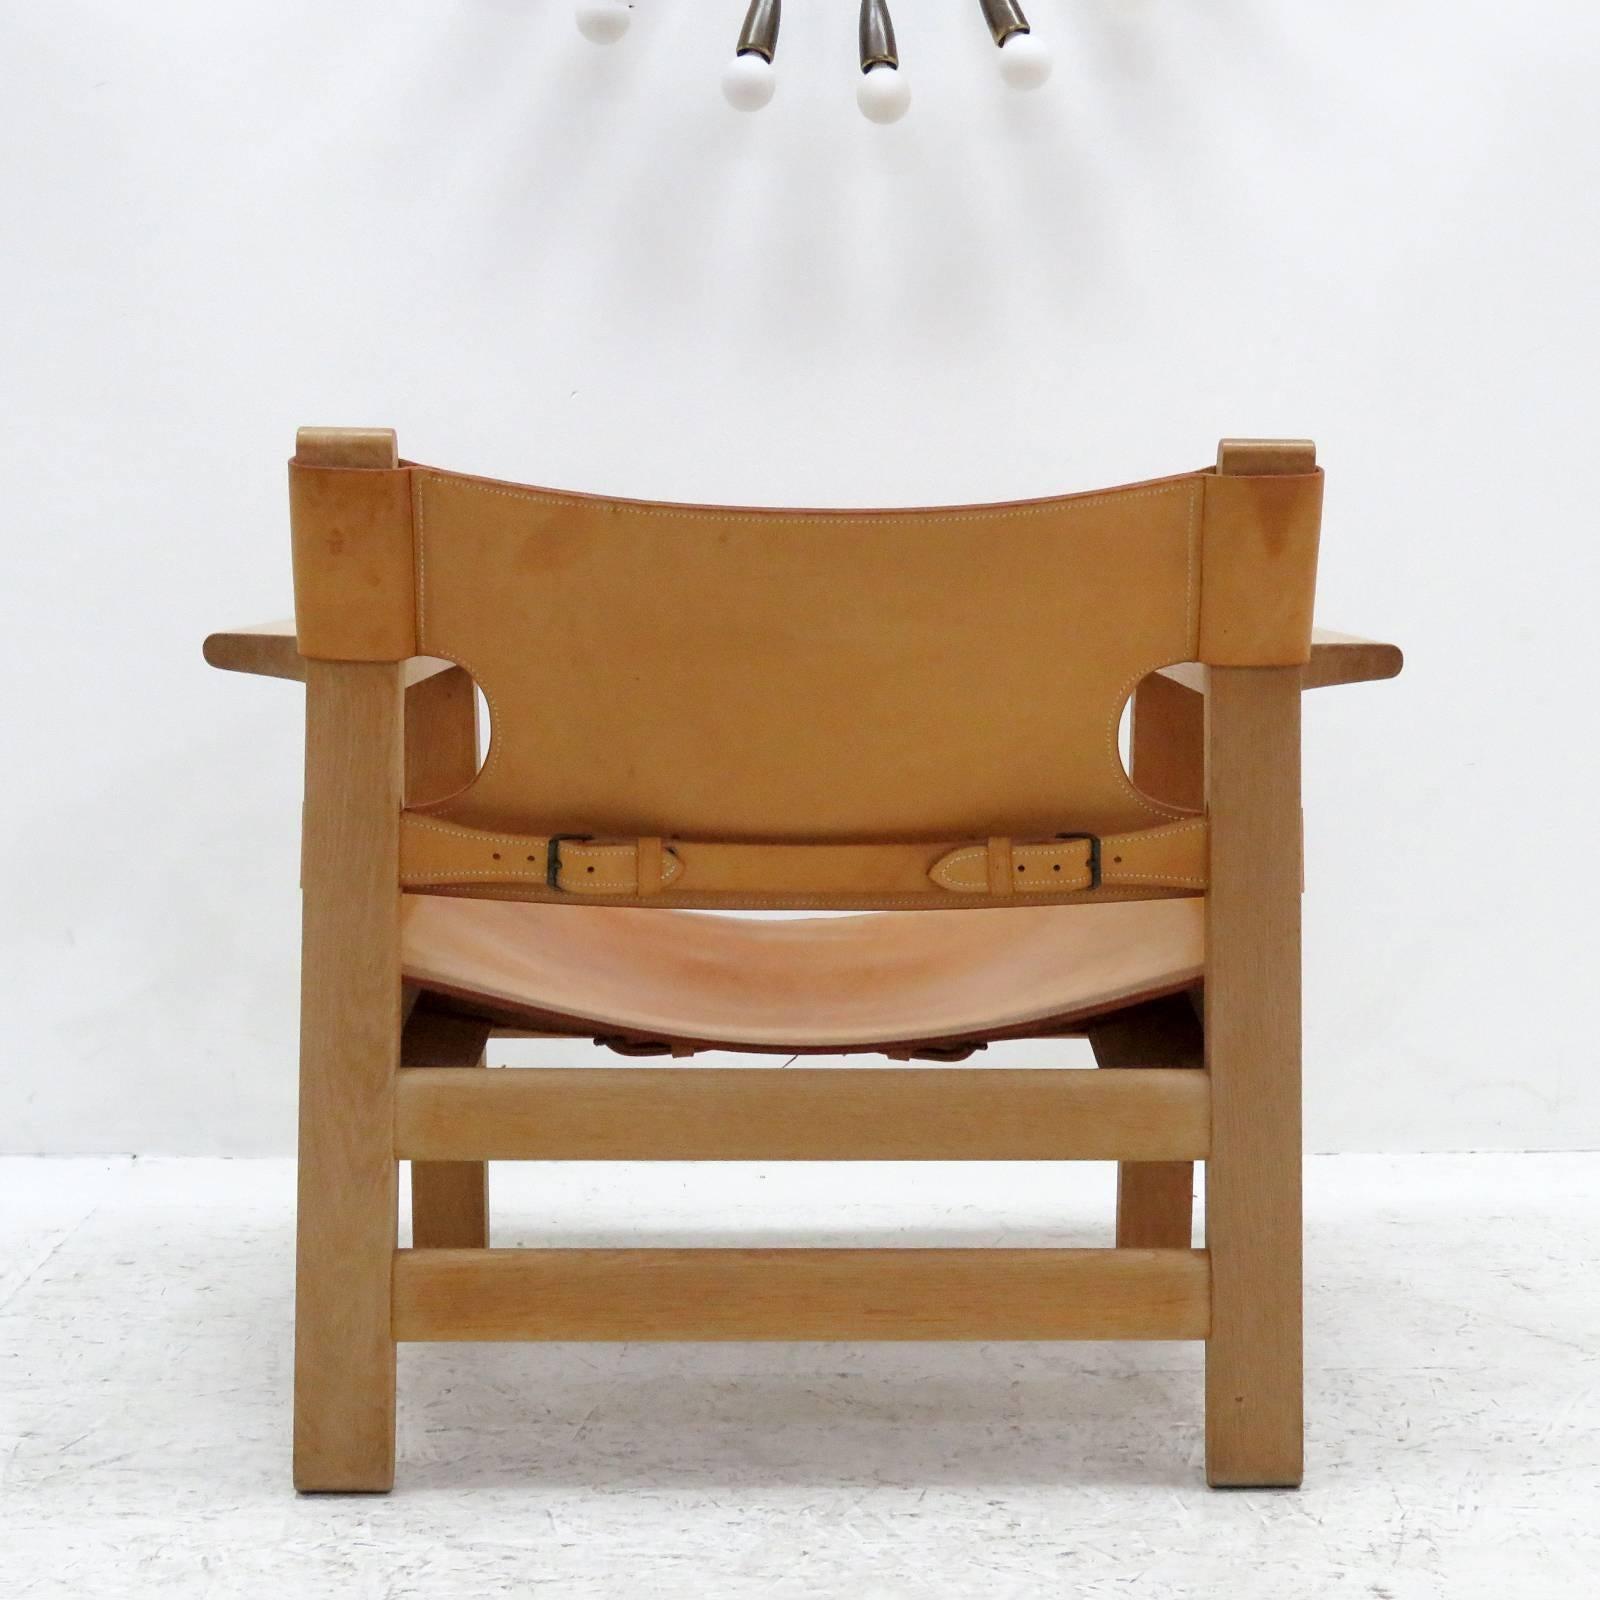 børge mogensen spanish chair model 2226 for sale at 1stdibs